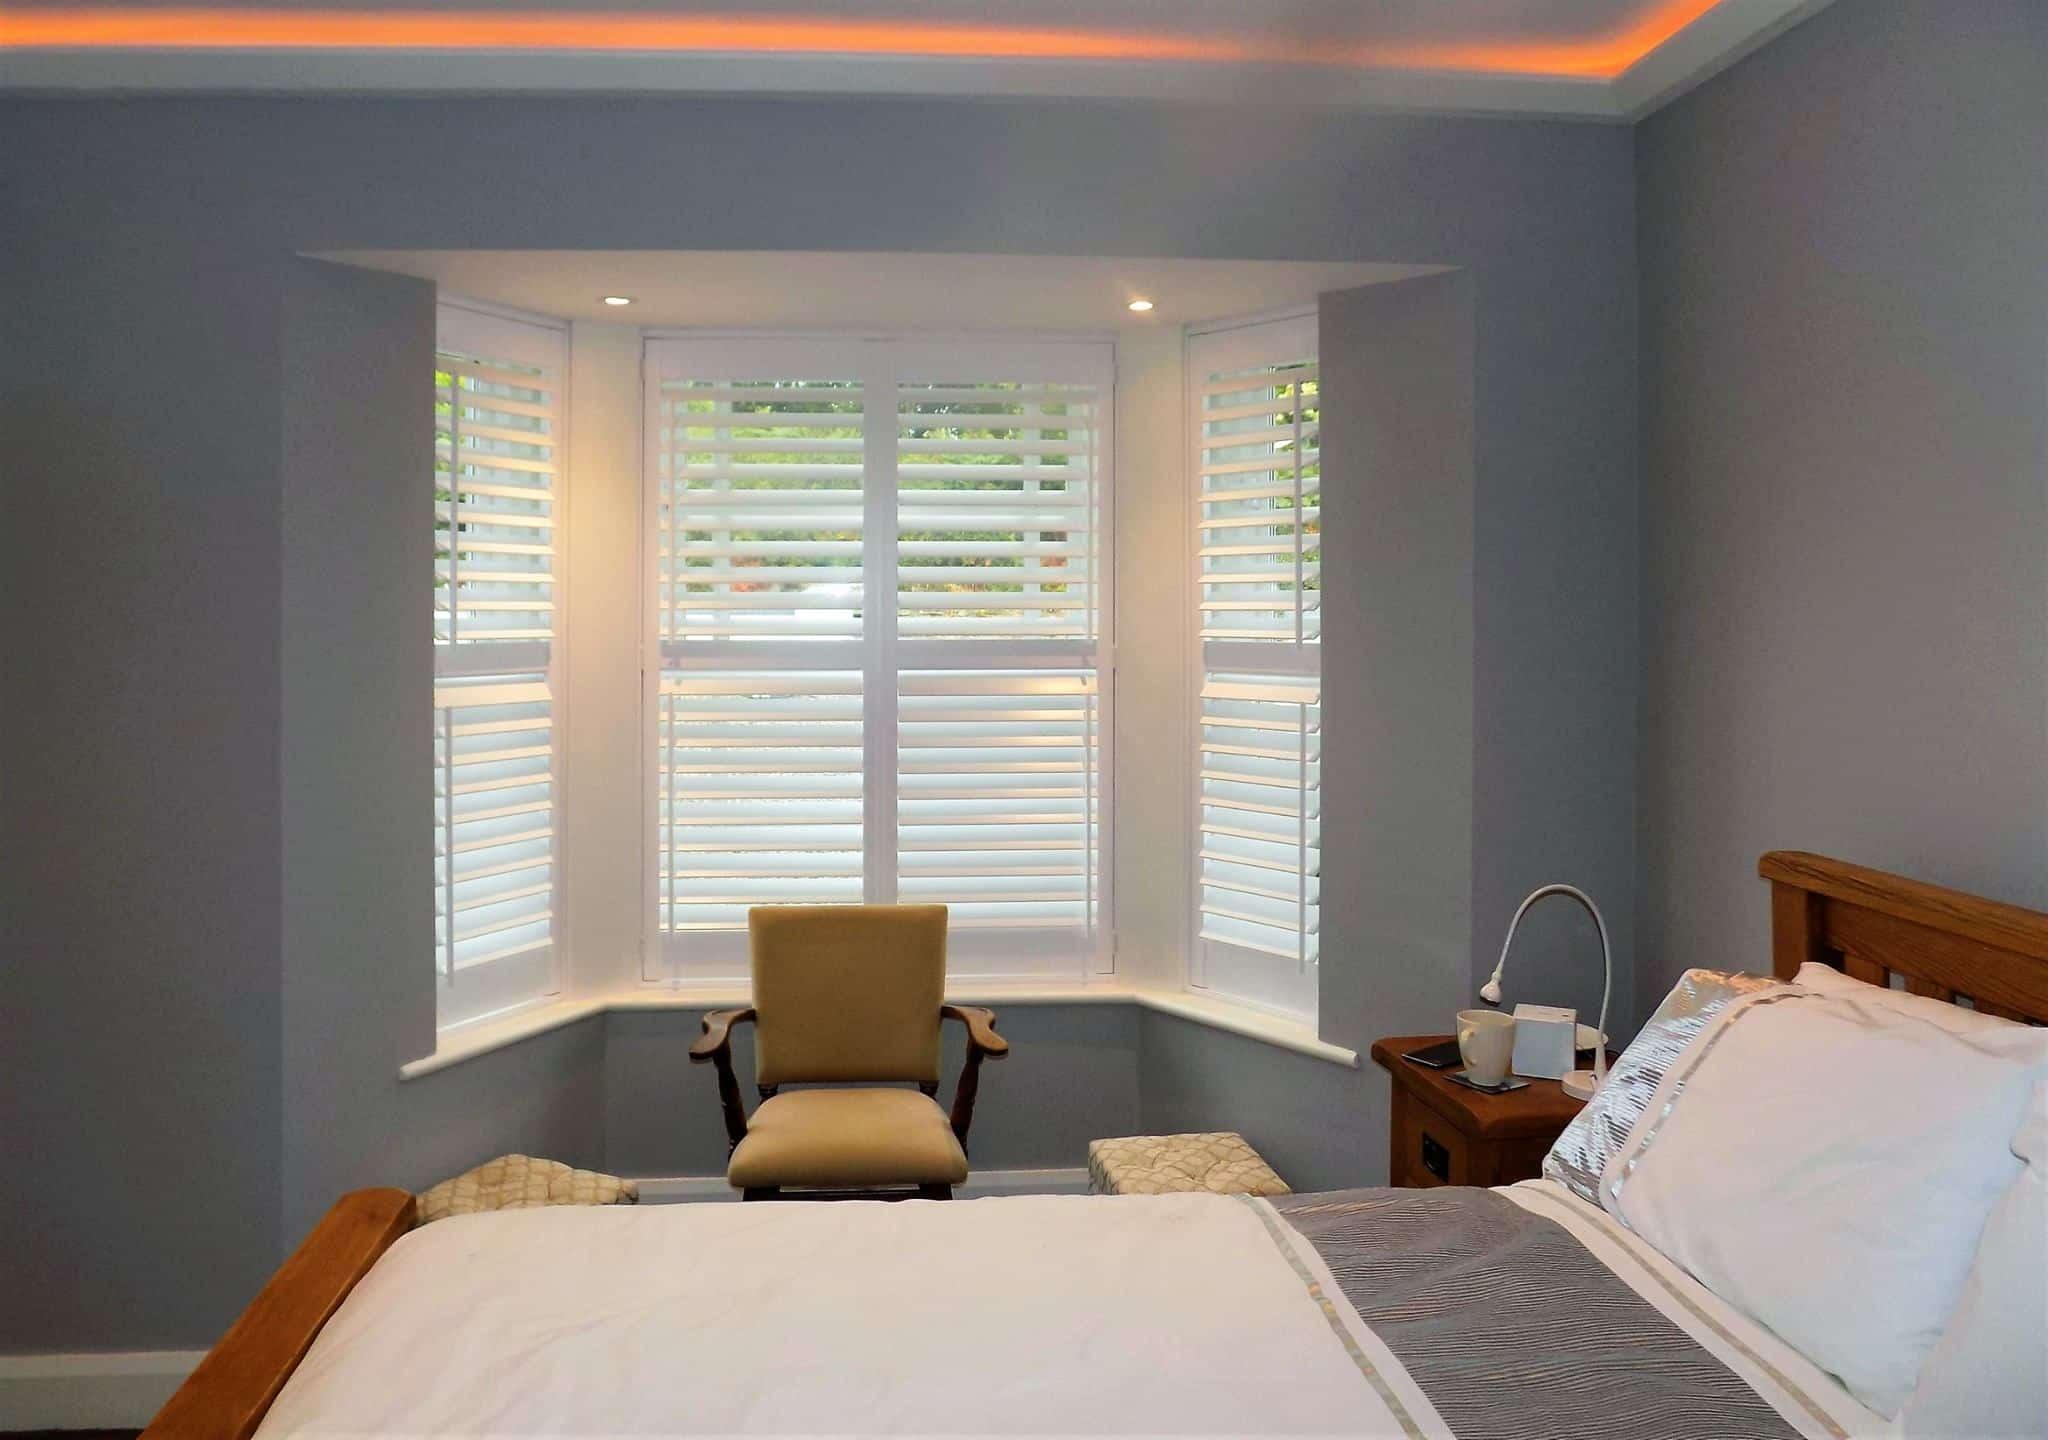 Bedroom bay window-shutters